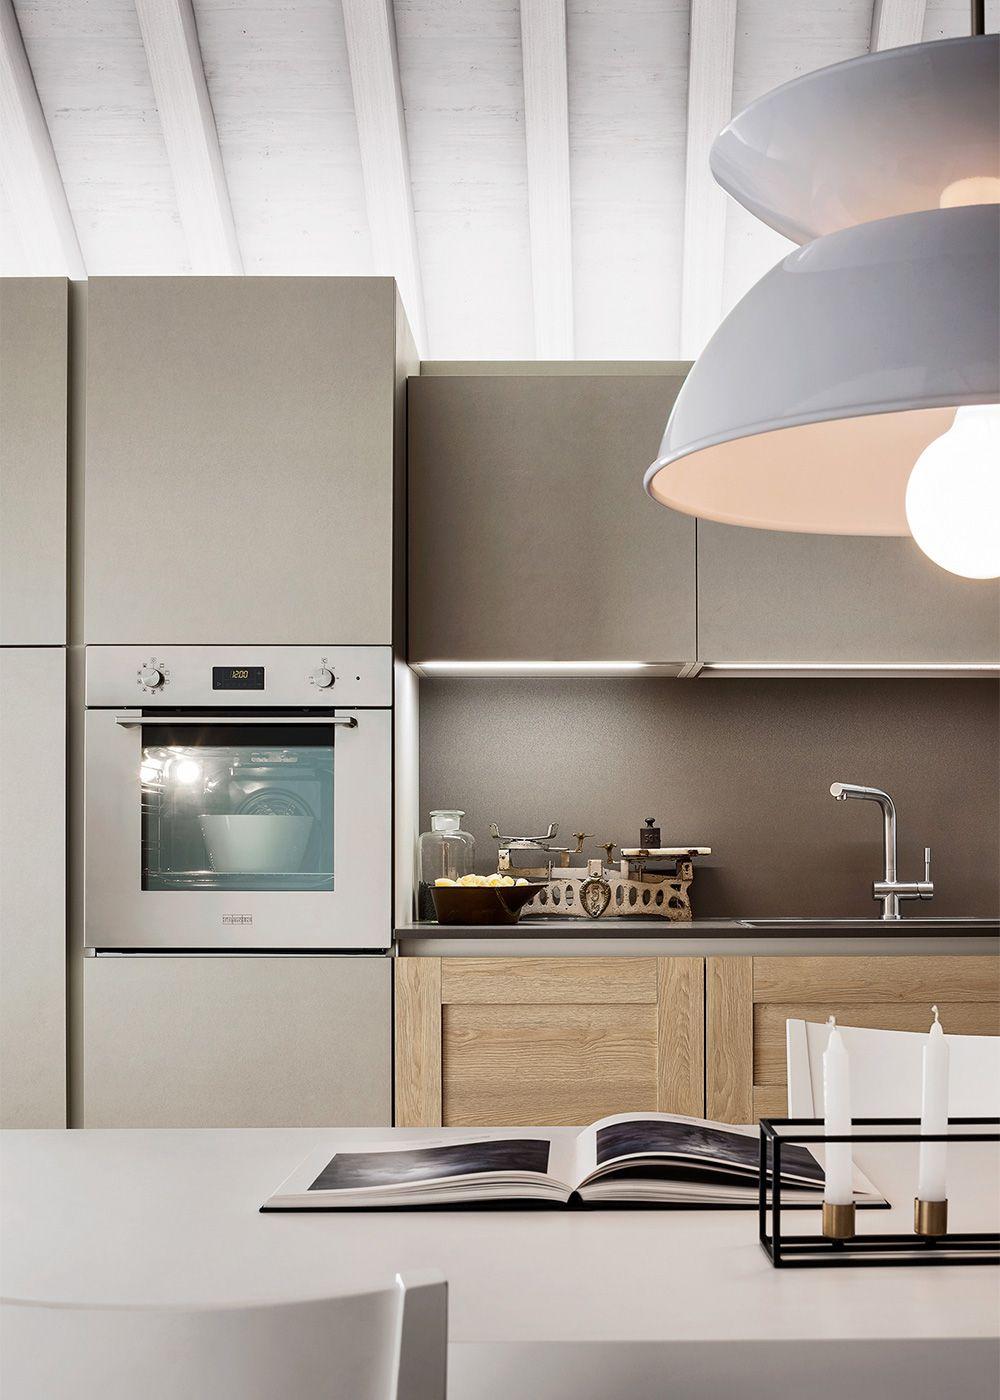 Mobili Cucina Dai Colori Chiari Diotti Com Cucine In Legno Chiaro Arredo Interni Cucina Idee Per La Cucina